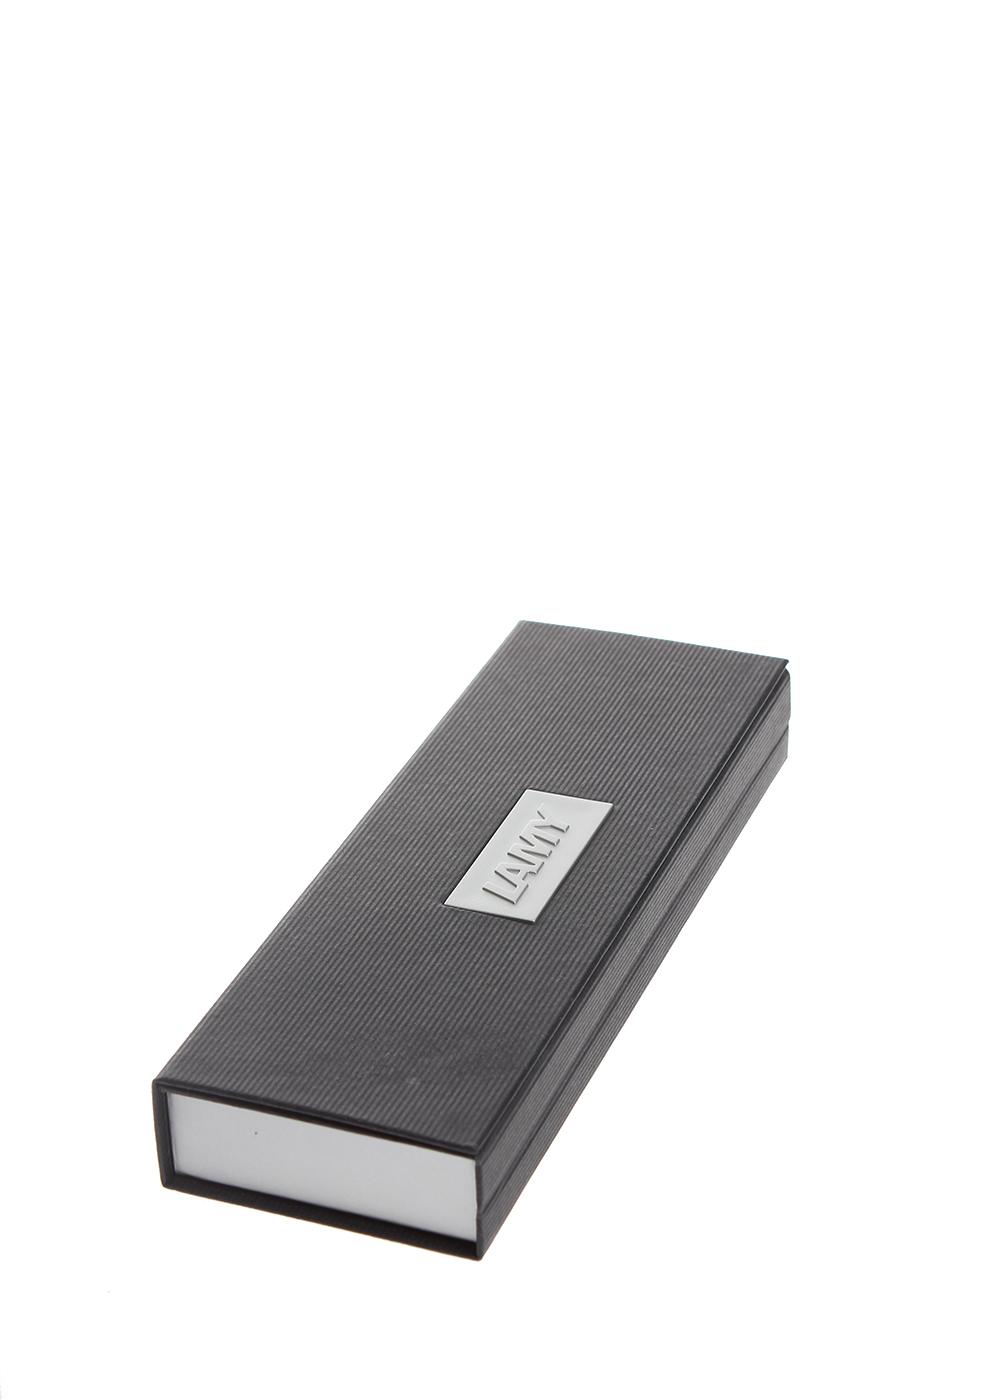 Bút Mực Nước Cao Cấp Lamy accent BY Mod. 398-4001232